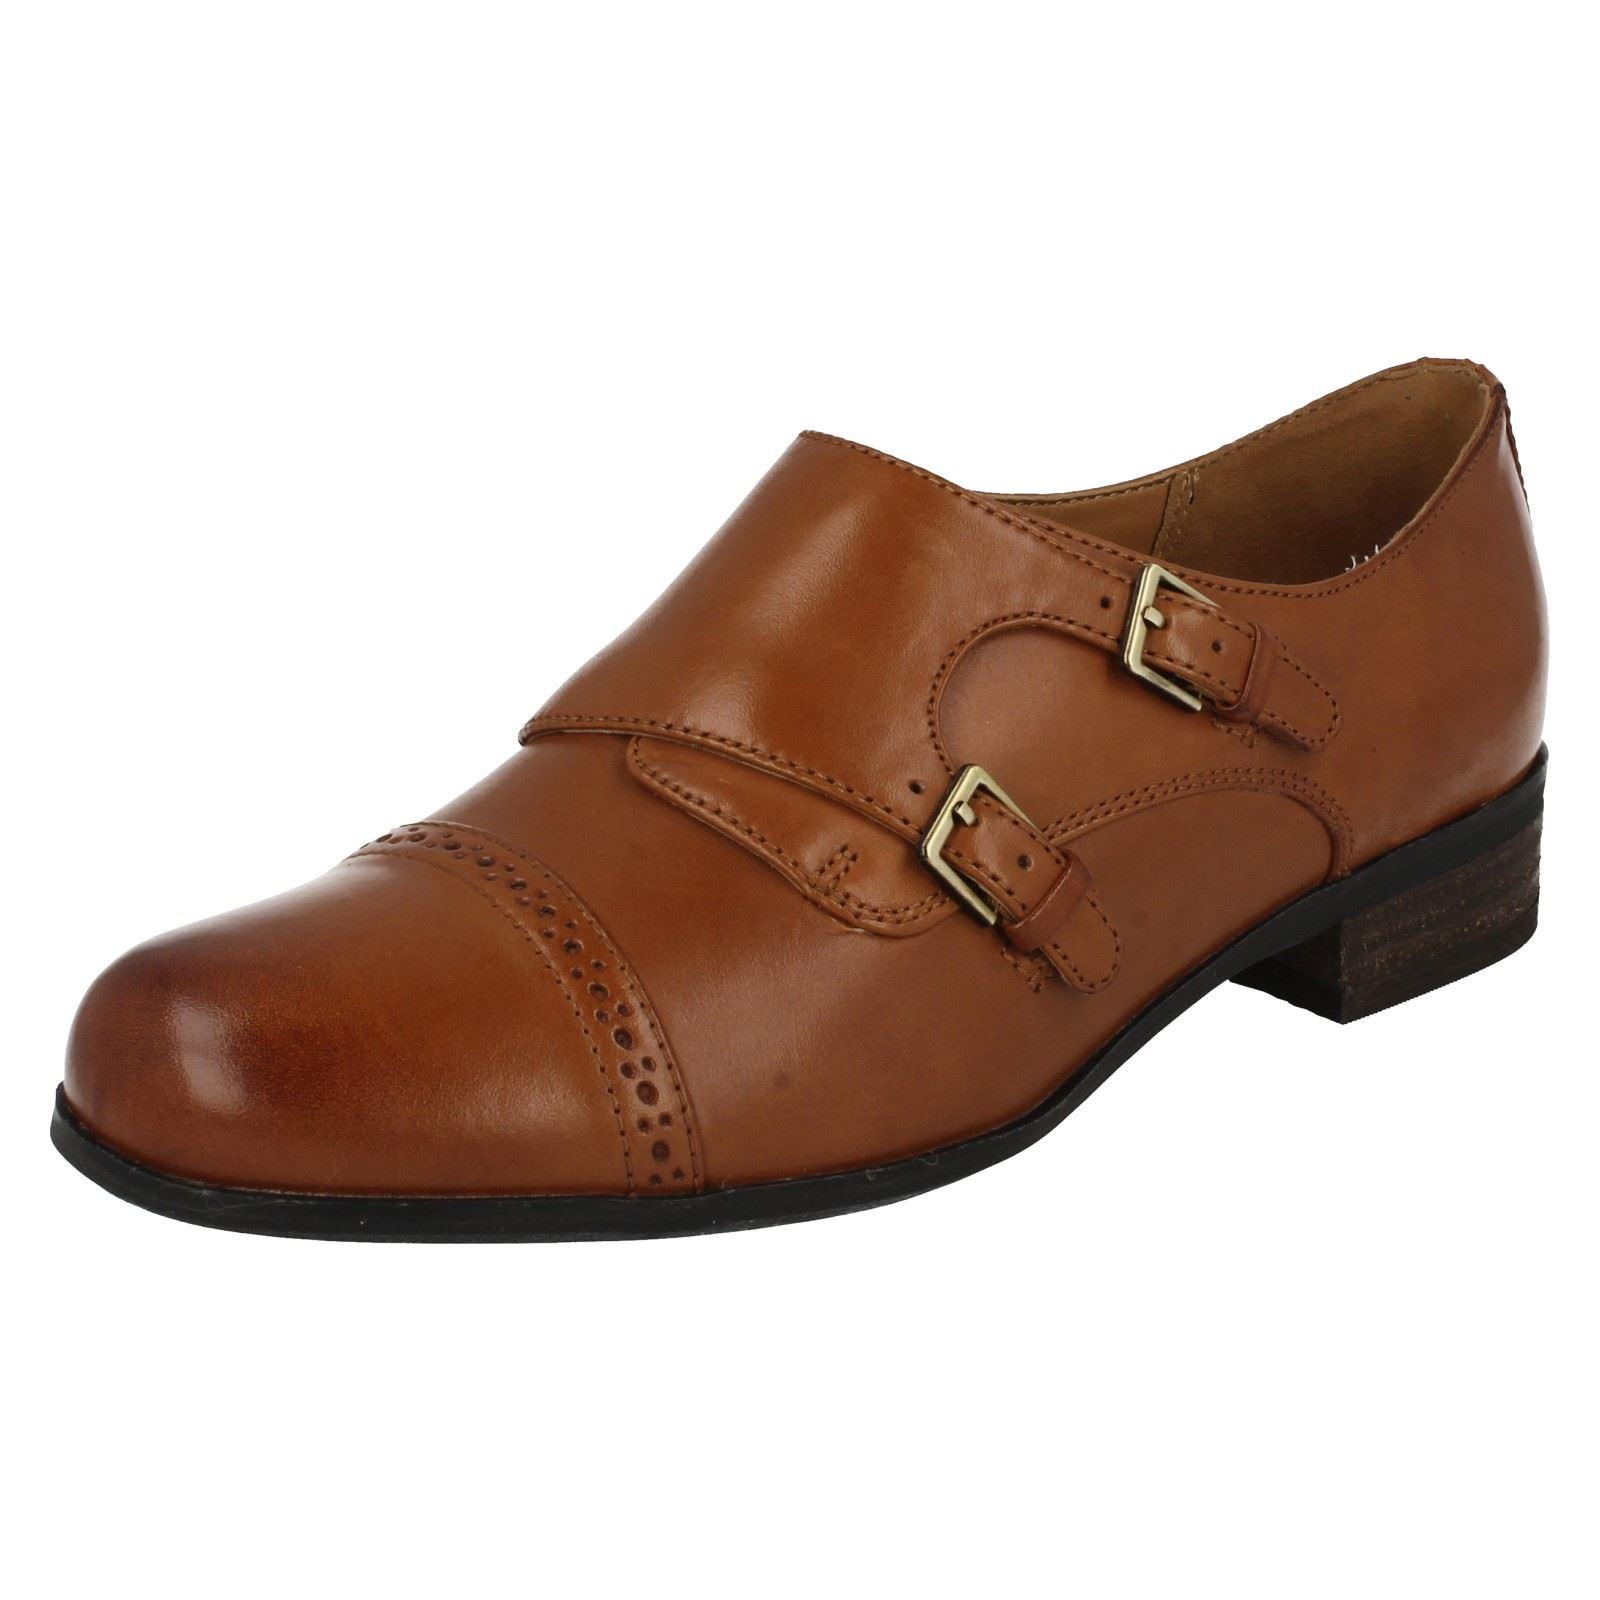 Hamble Tan Zapatos Park para Dark con marrón mujer Clarks hebillas w8AFcq8Xr